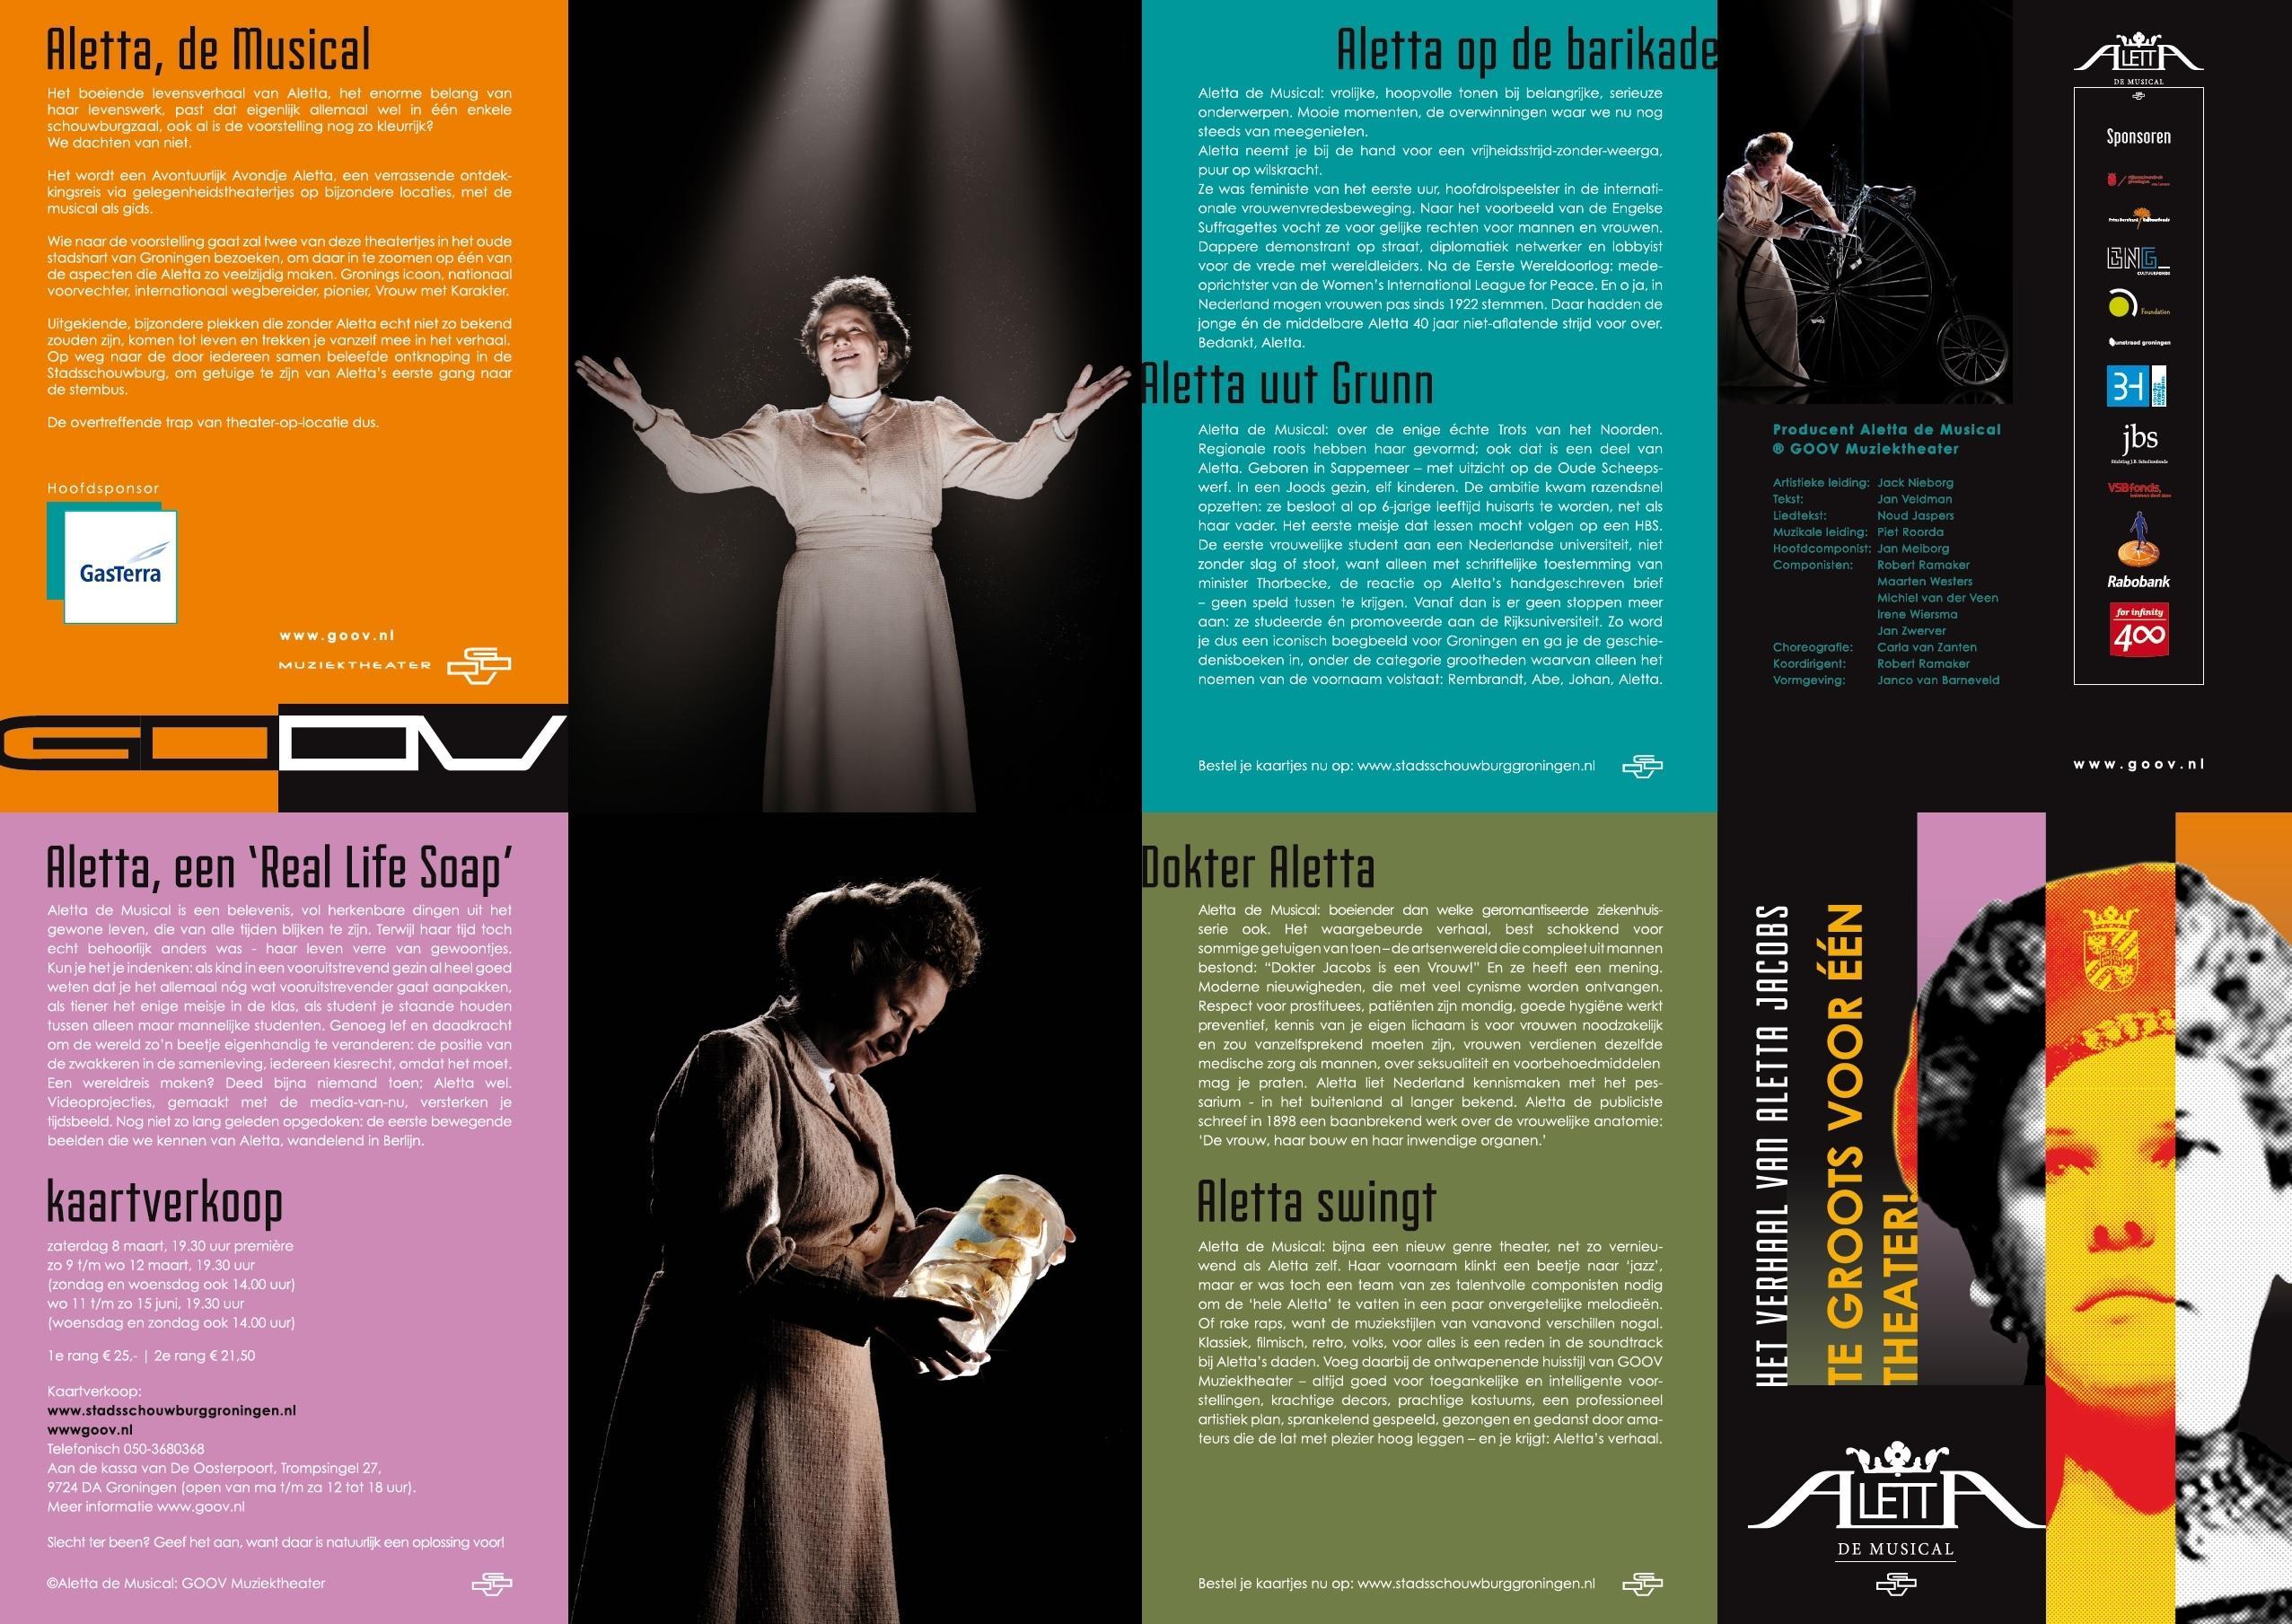 Flyer Aletta de Musical_001